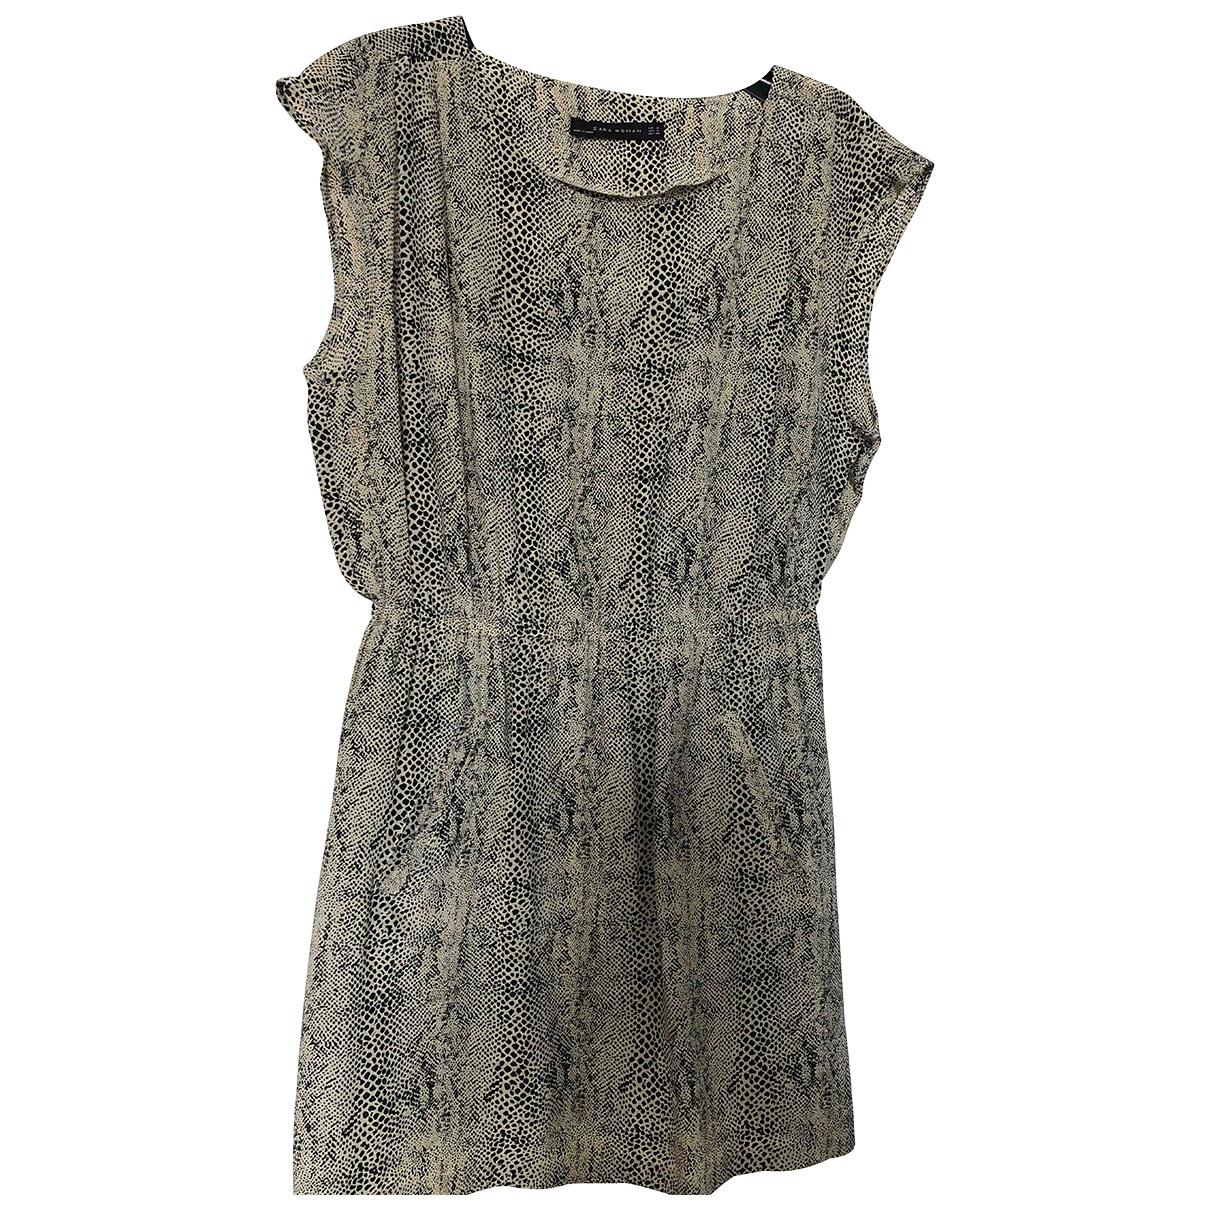 Zara - Robe   pour femme en soie - multicolore